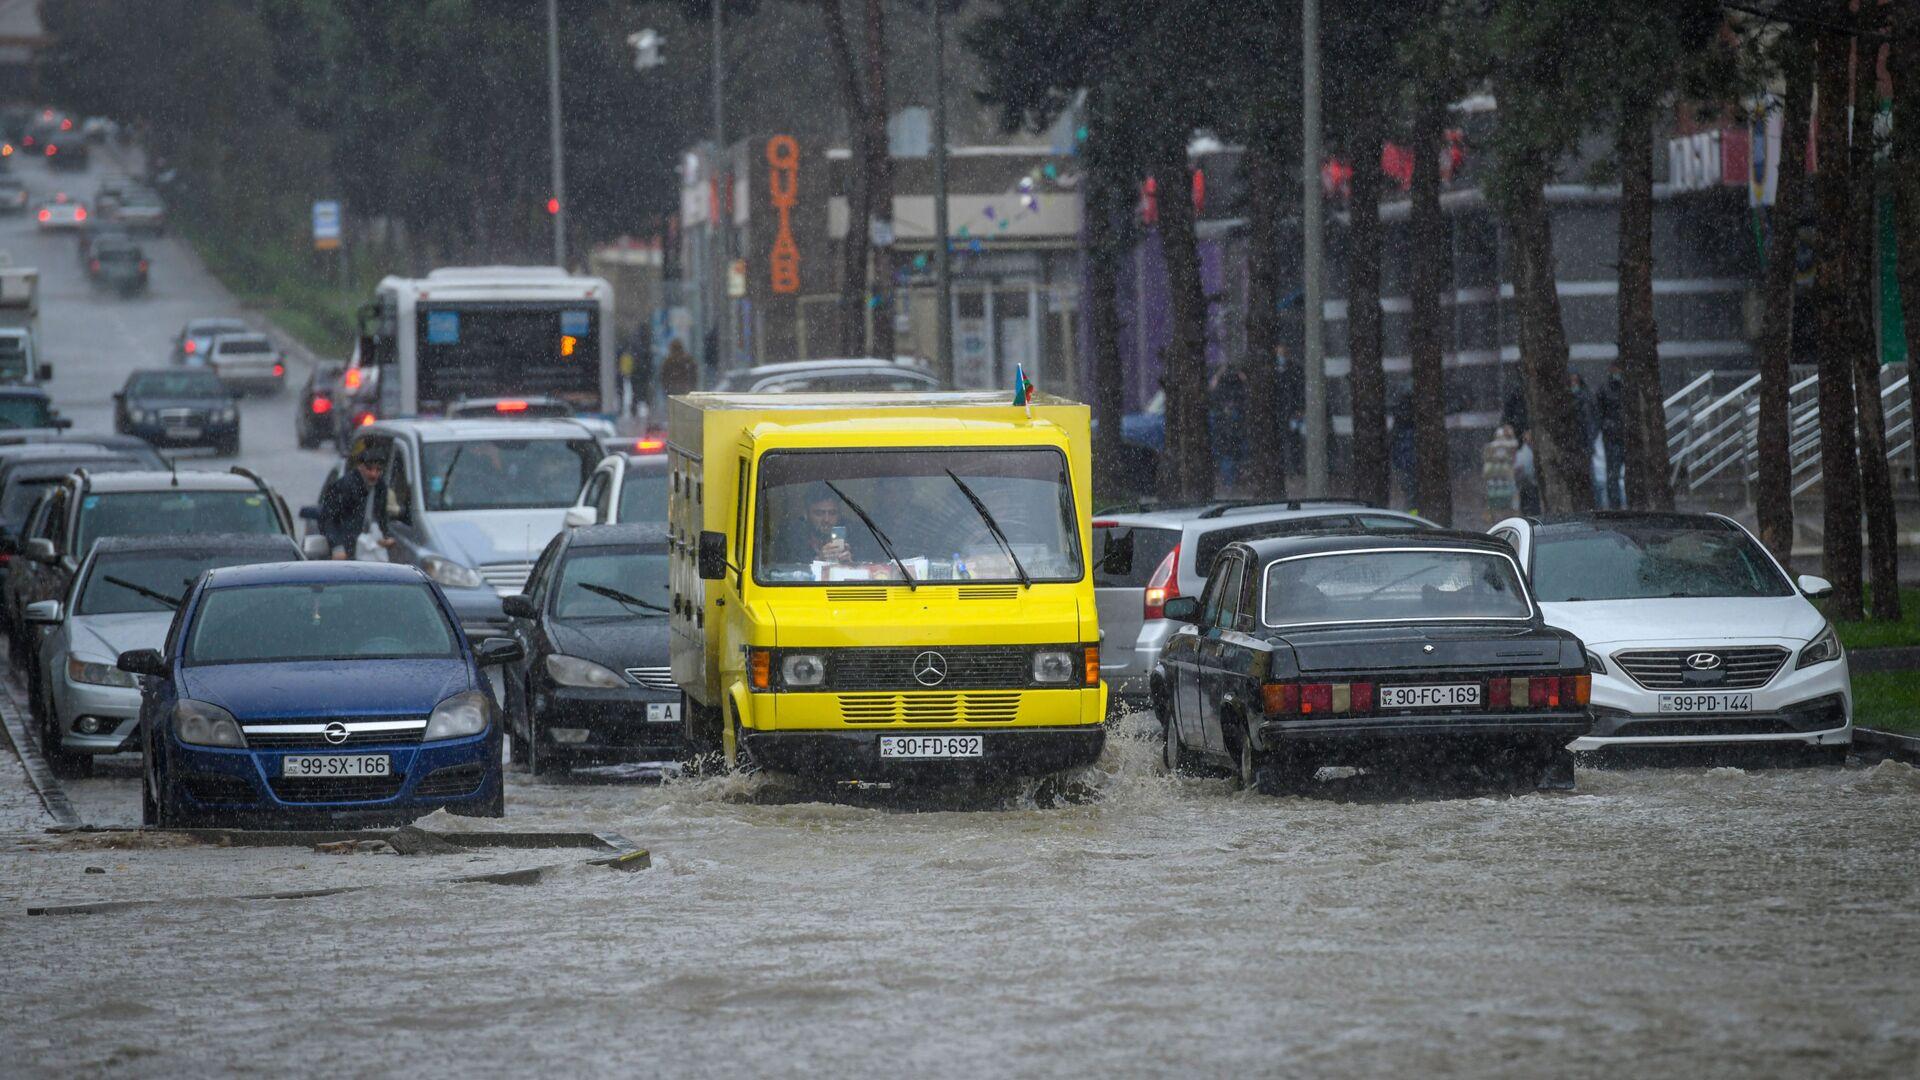 Bakıda yağışdan sonra su basmış yol, arxiv şəkli - Sputnik Azərbaycan, 1920, 28.09.2021